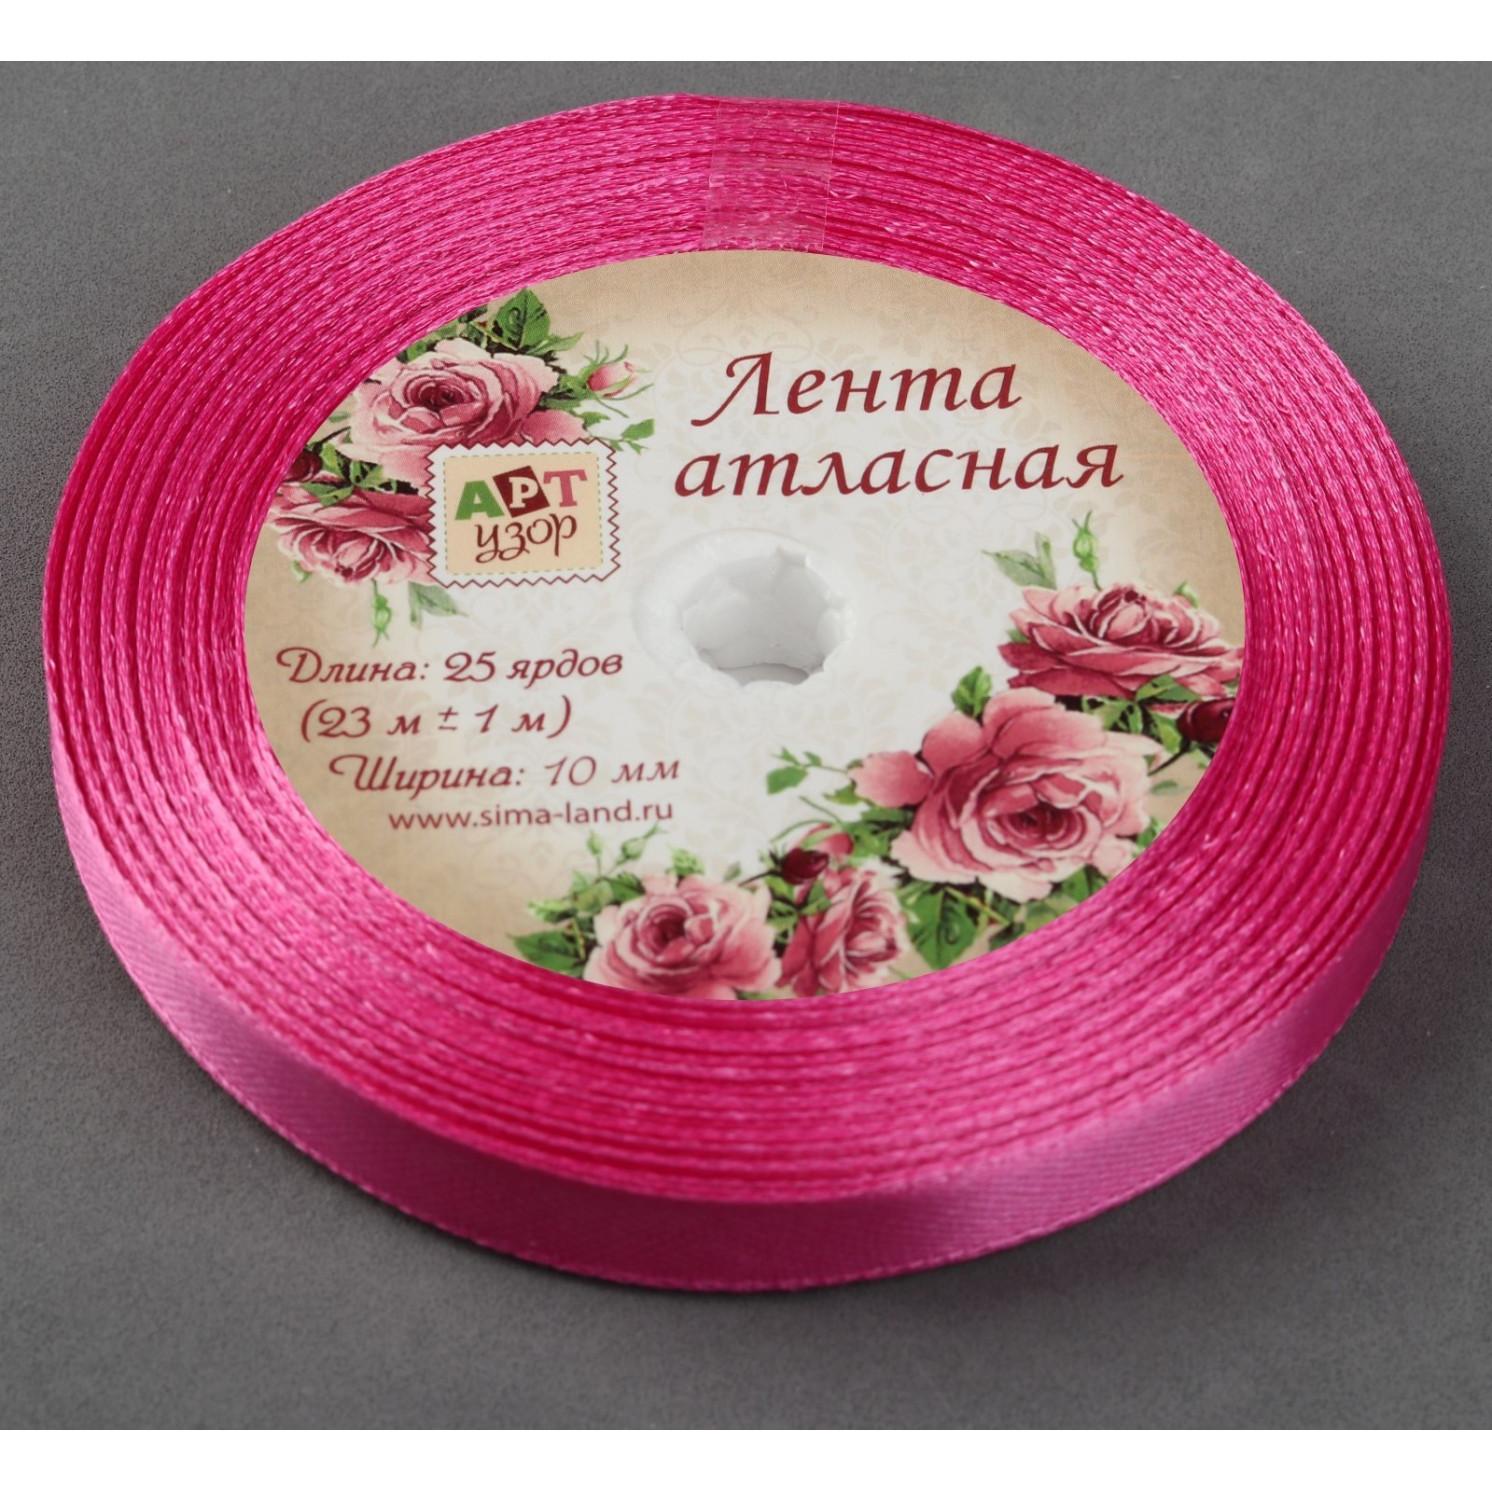 Лента атласная, 10 мм × 23 ± 1 м, цвет малиновый №165